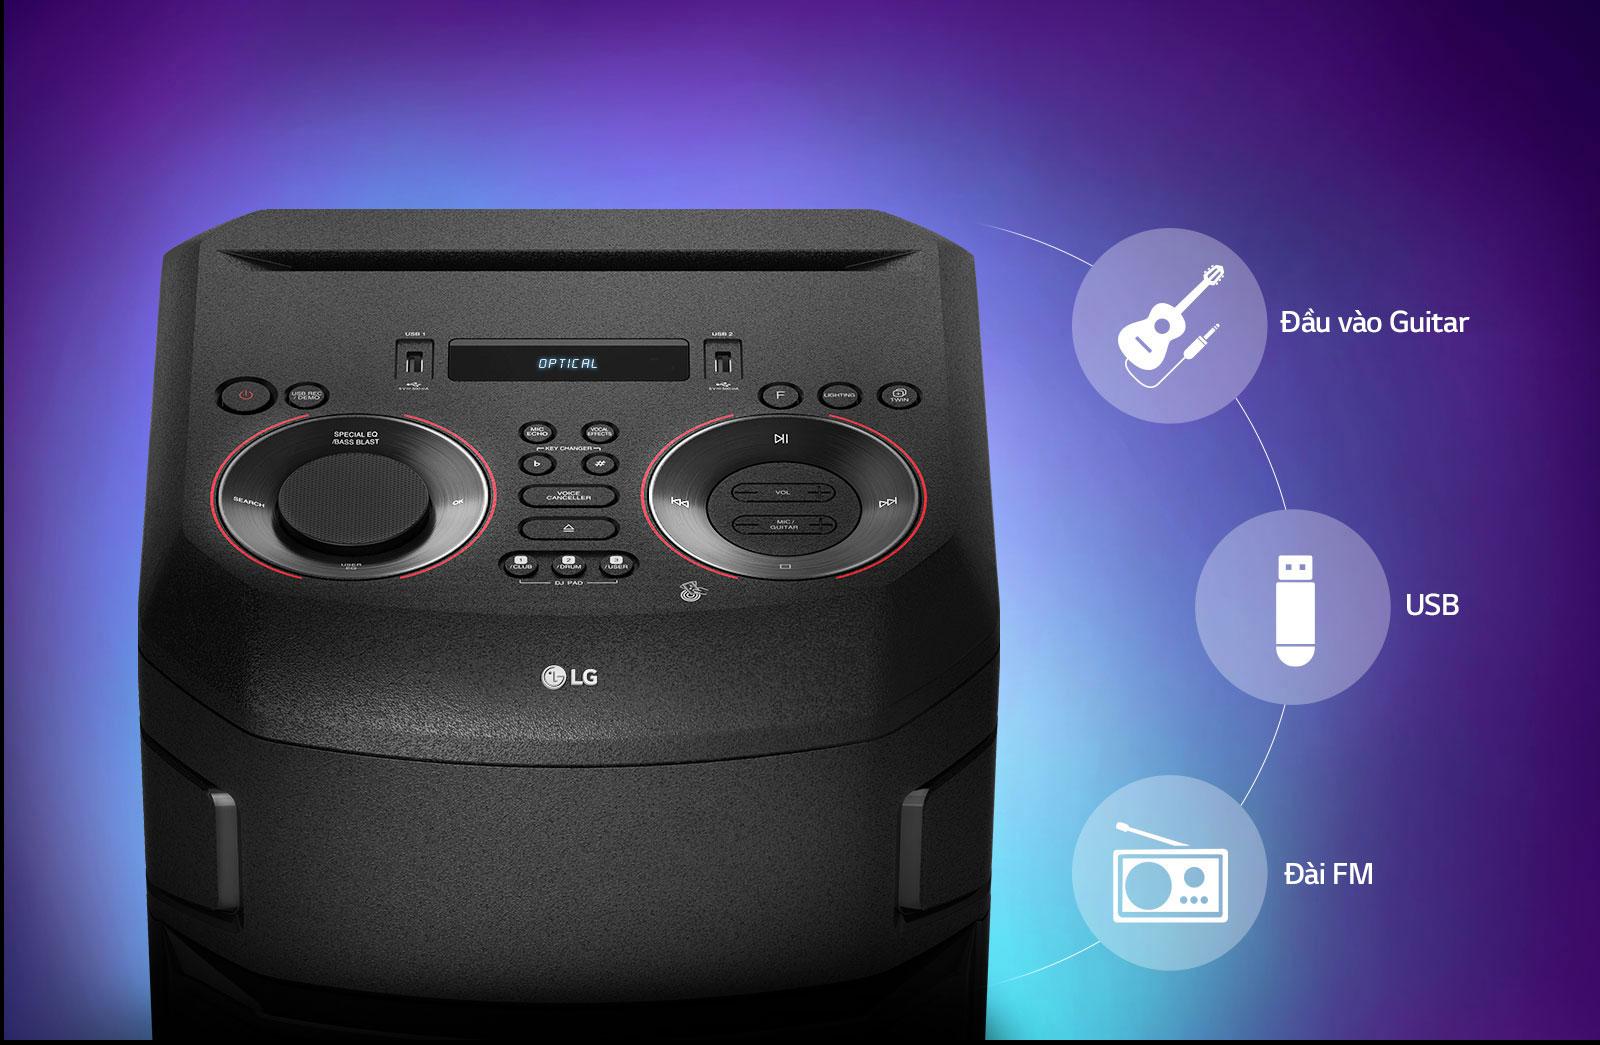 Ghi lại danh sách phát và các bản phối DJ vào USB để có thể nghe lại bất cứ lúc nào